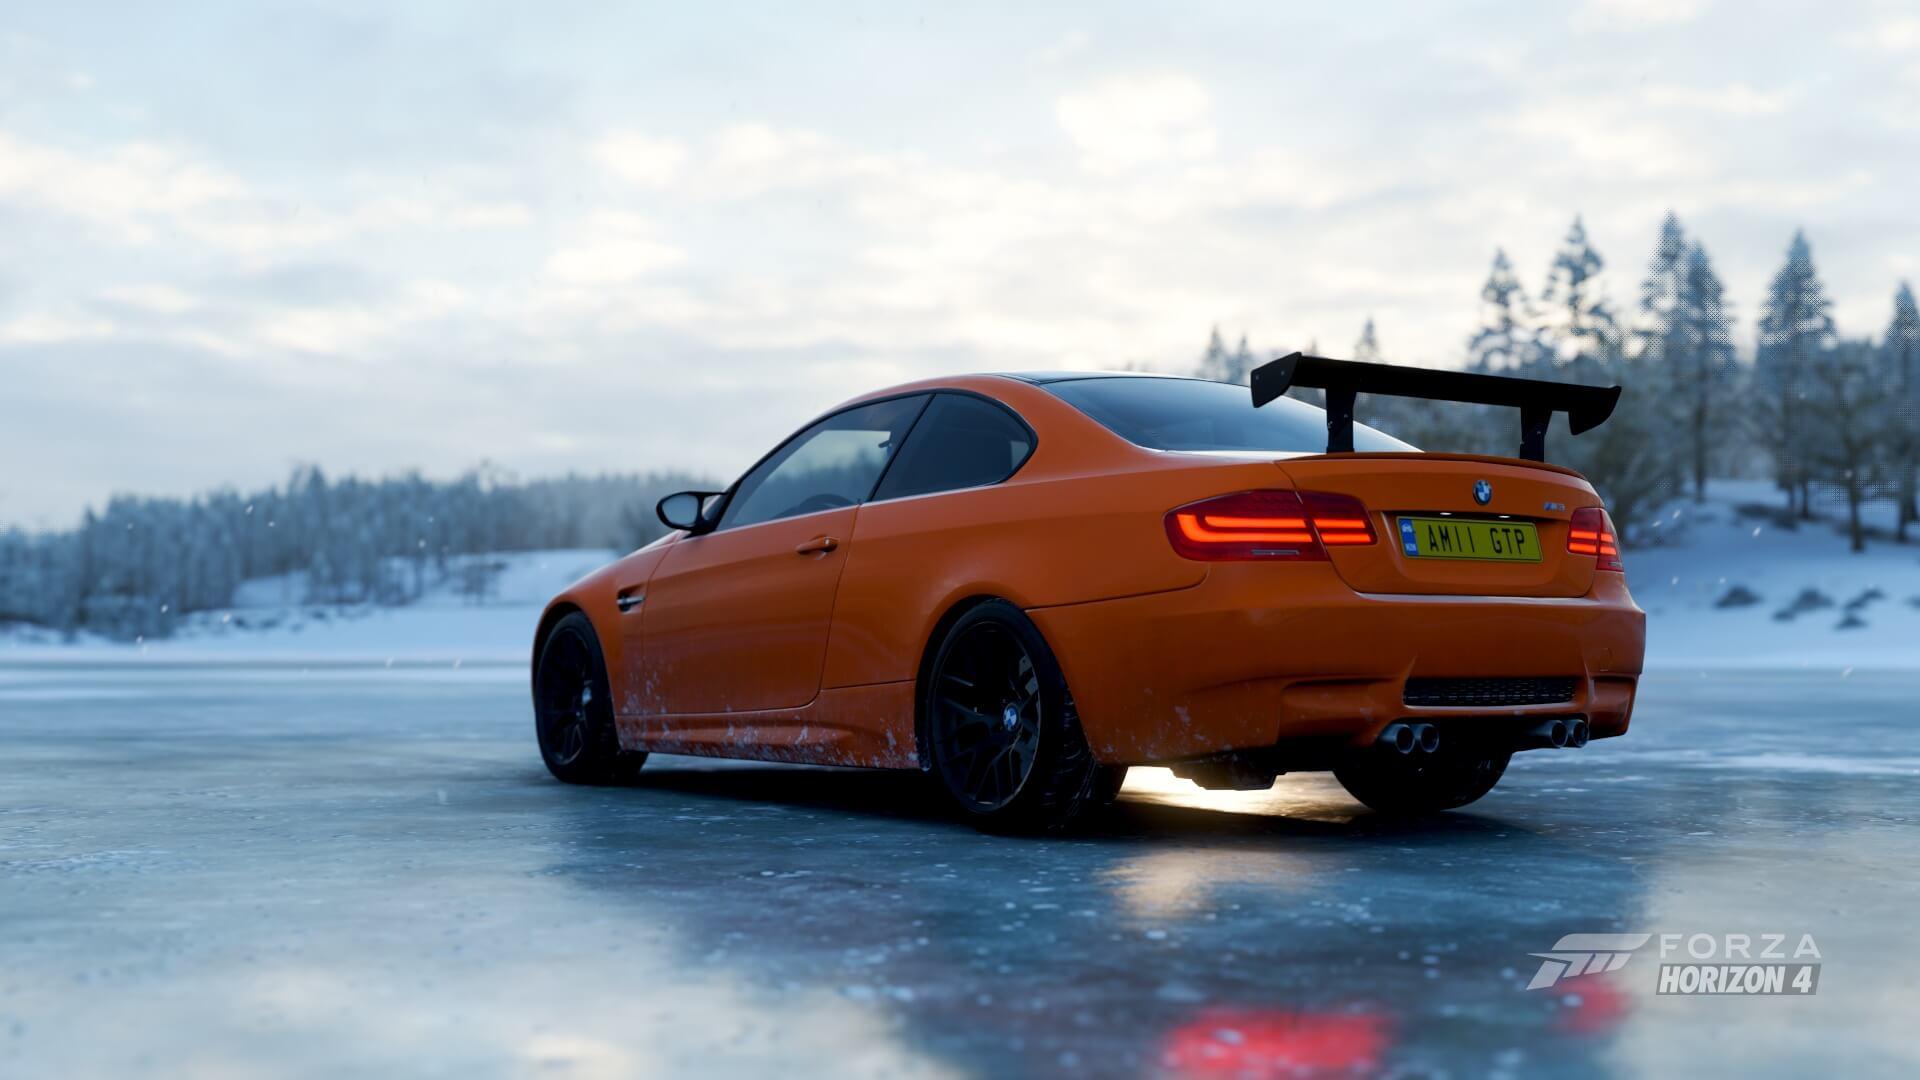 This Week S Forza Horizon 4 Season Change M3 Gts Turns Up The Winter Heat